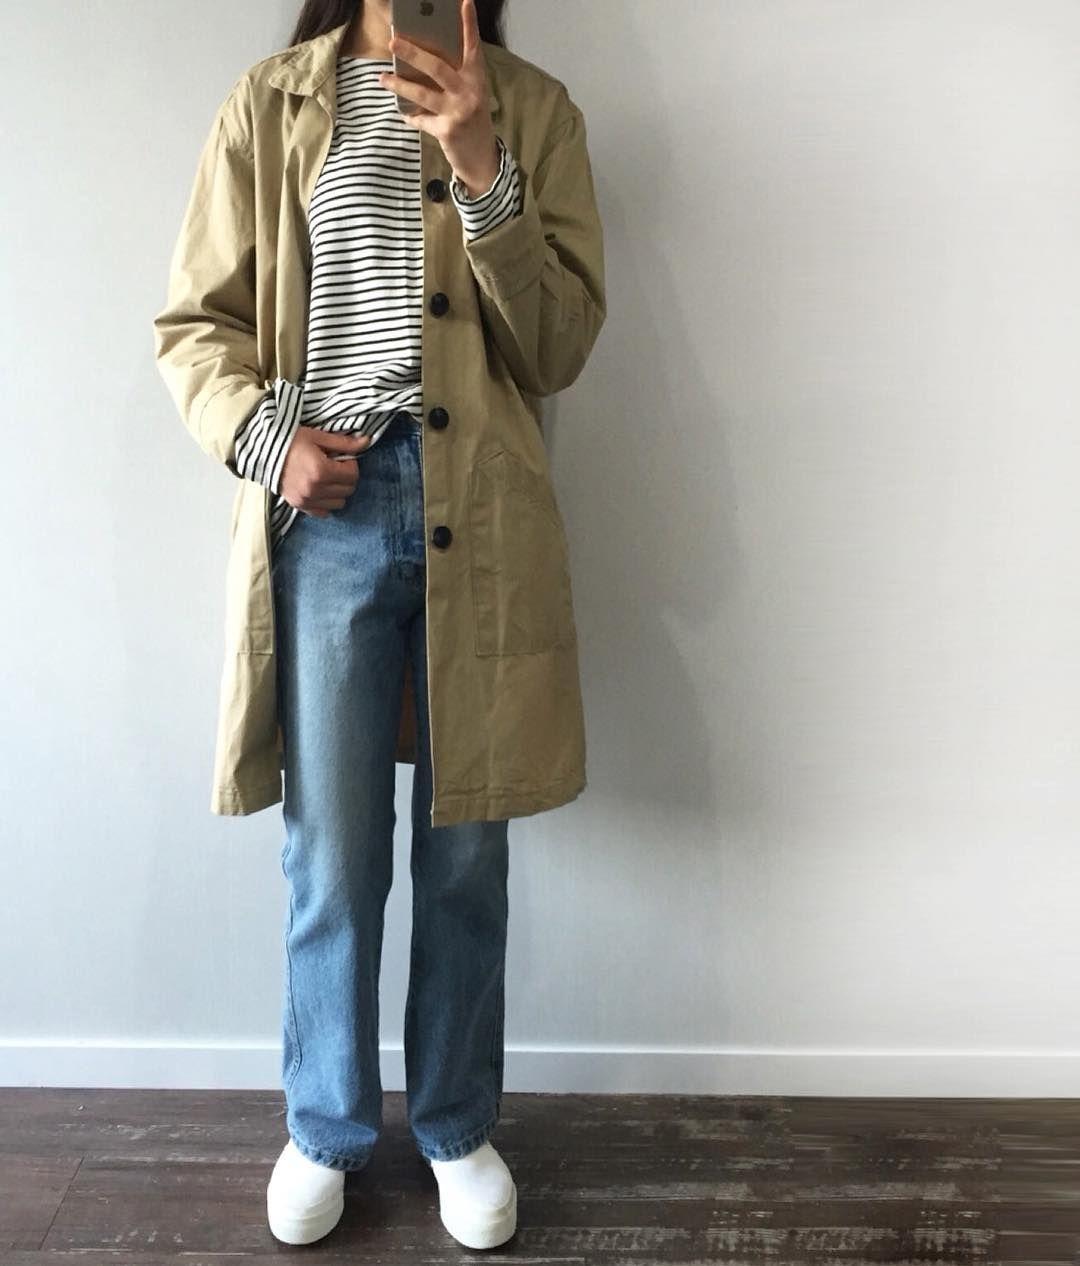 벚꽃연금을 탄생시킨 장범준 앨범 하루종일 무한반복 중이여요 우리 같이 들어요 . outer : Washing half single coat (no. 69601) top : Many color thin stripe tee (no. 69602) bottom : Washing semi boots cut denim (no. 68603) . #데일리룩 #dailylook #데일리먼데이 #dailymonday #장범준 by dailymonday_korea